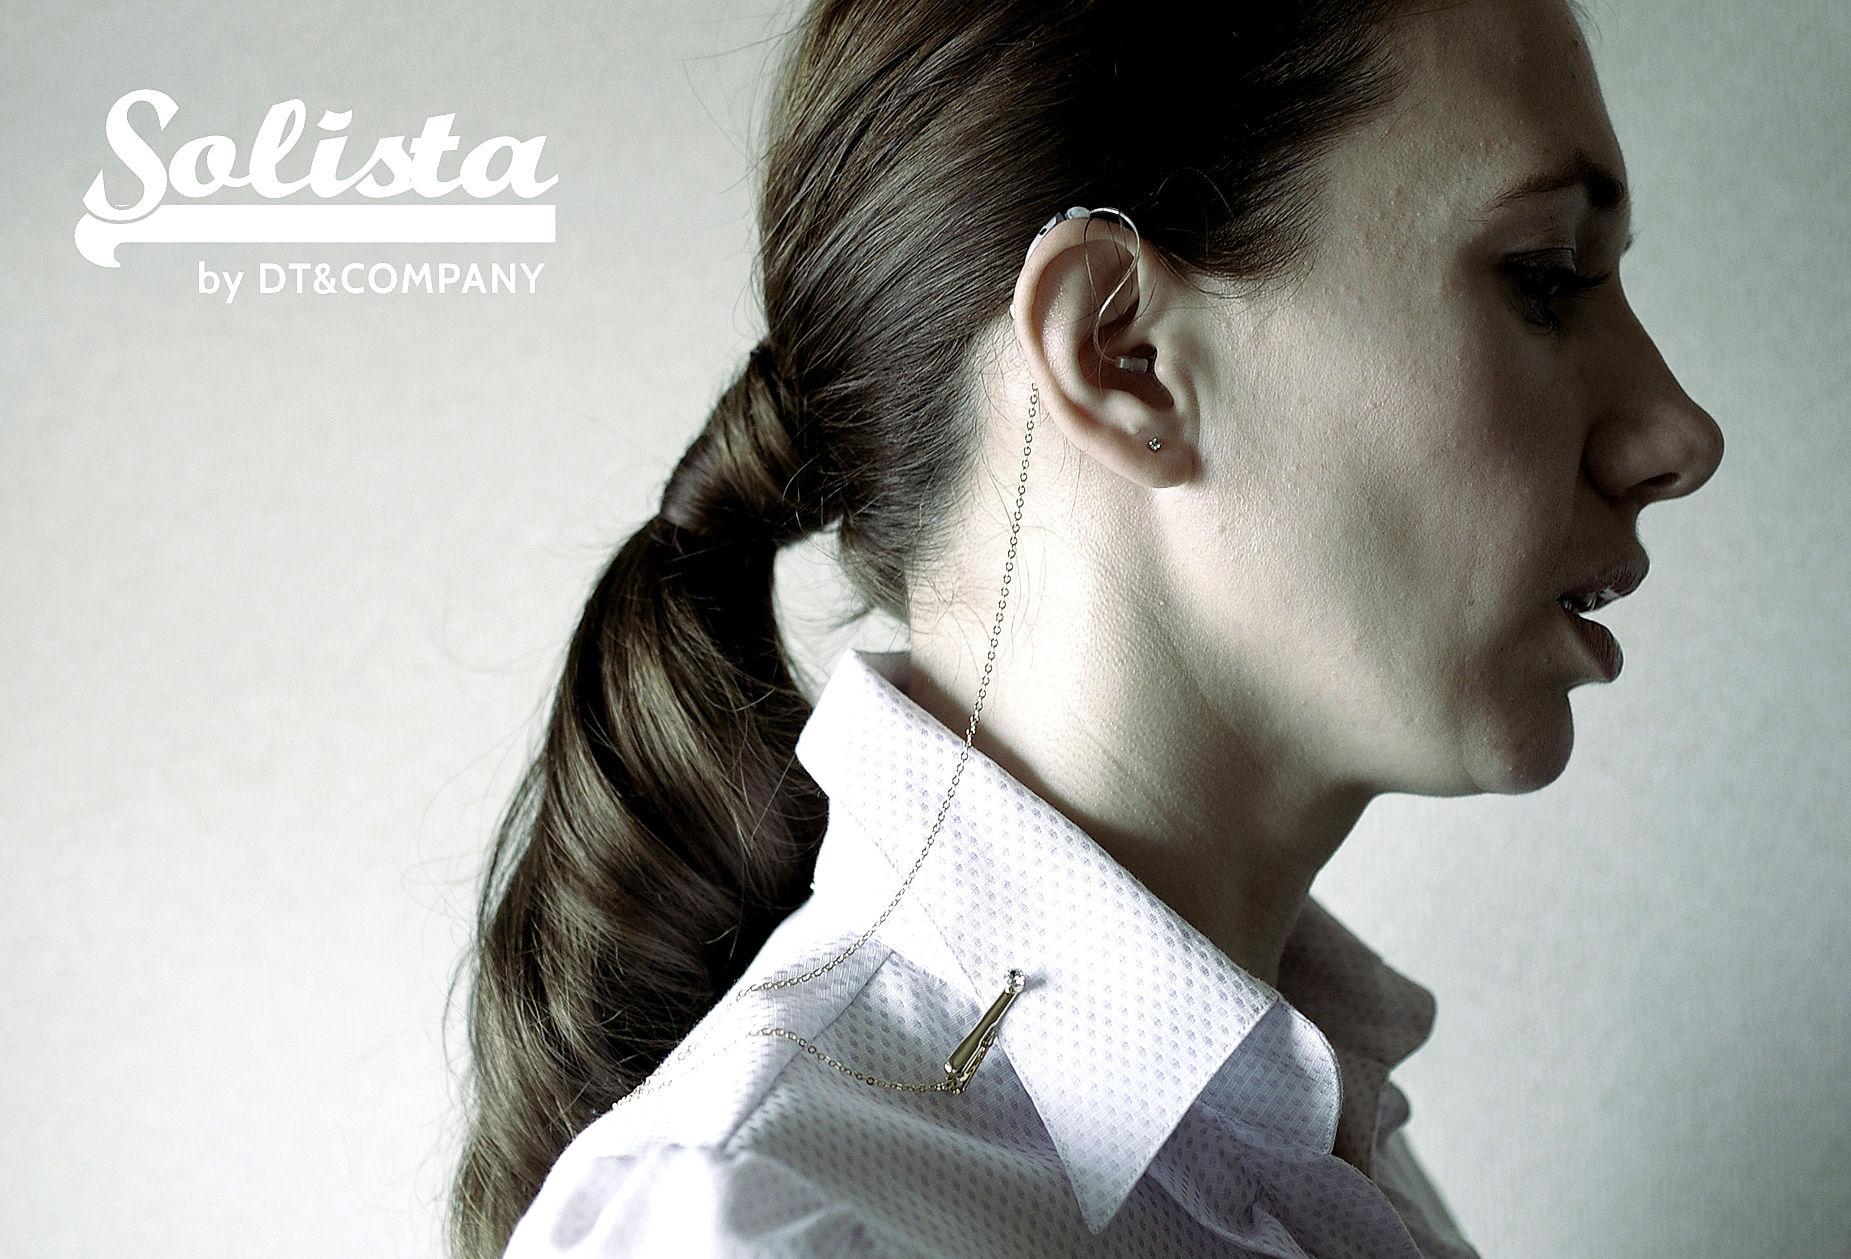 補聴器落下防止ストラップ Solista